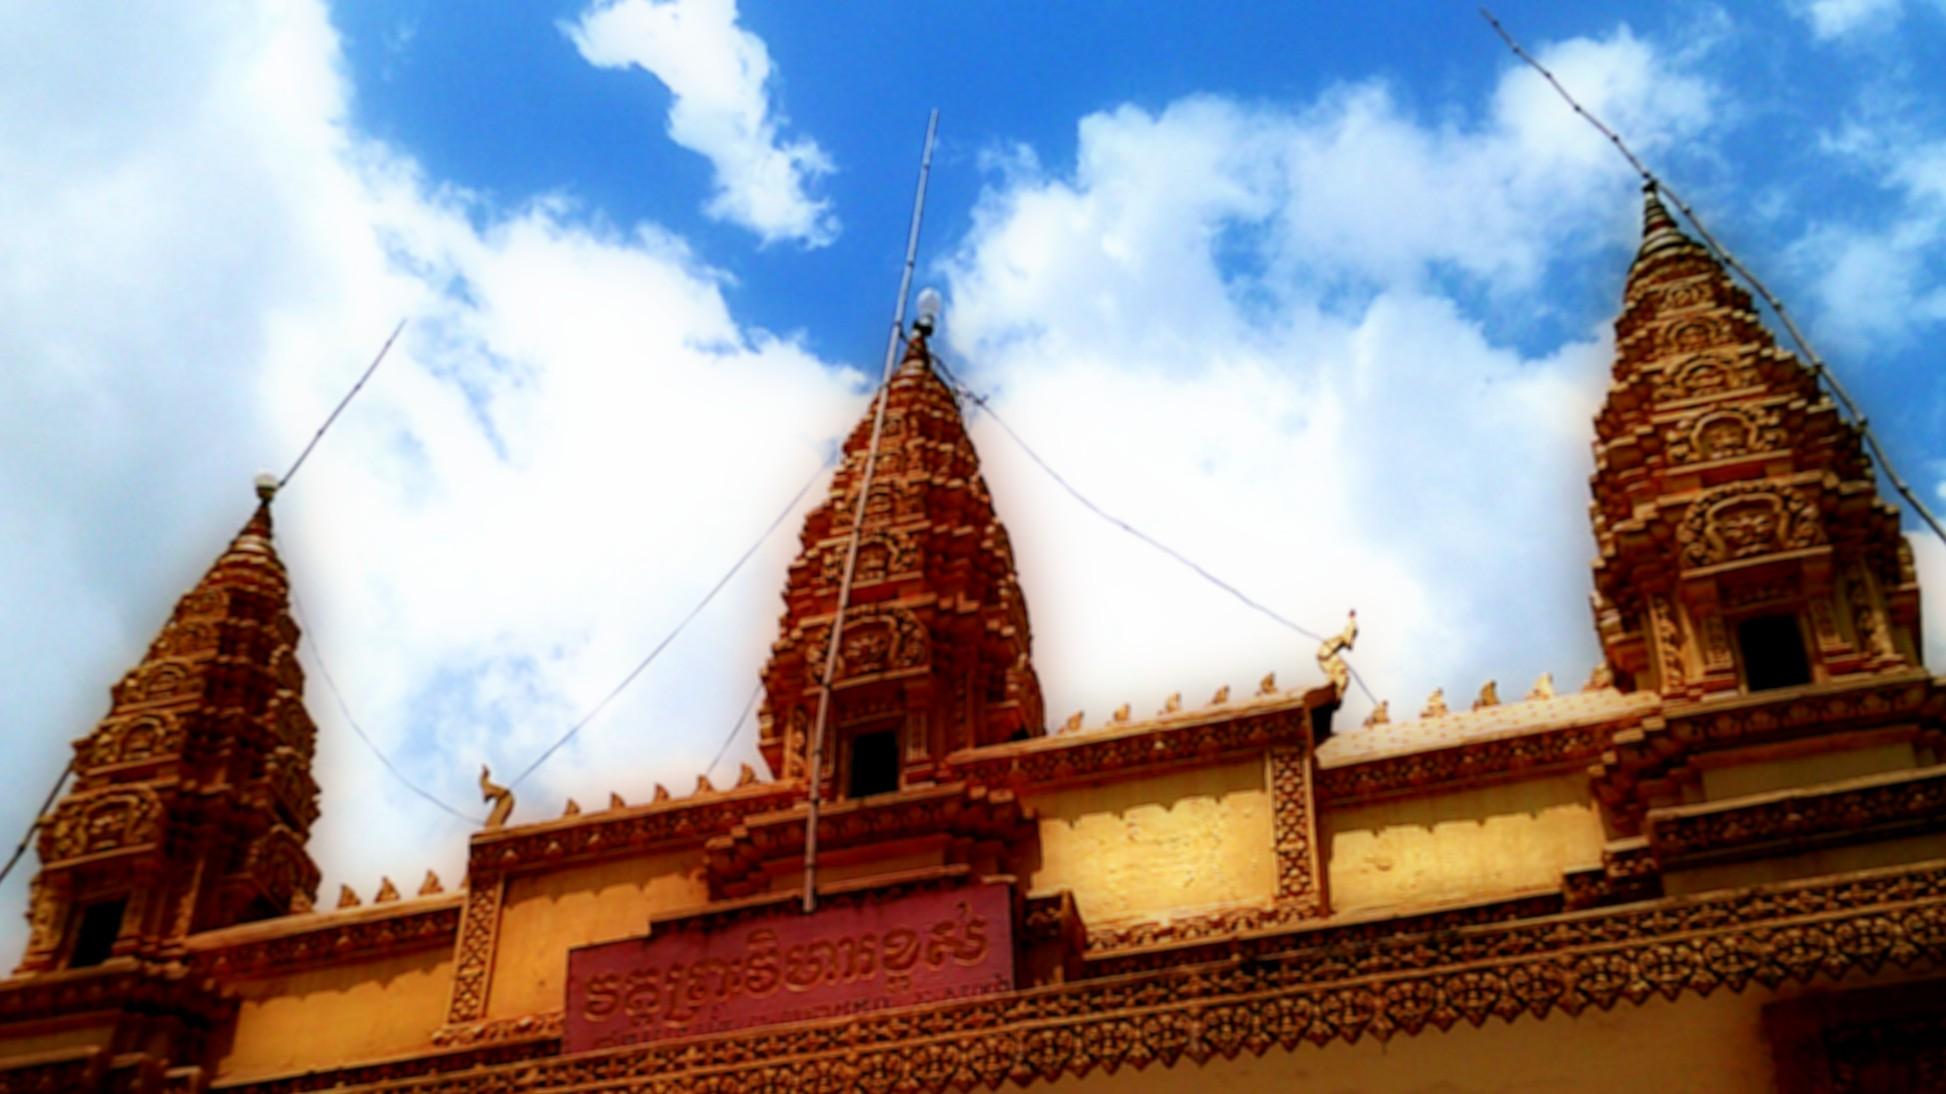 Cambodia Temple Arch